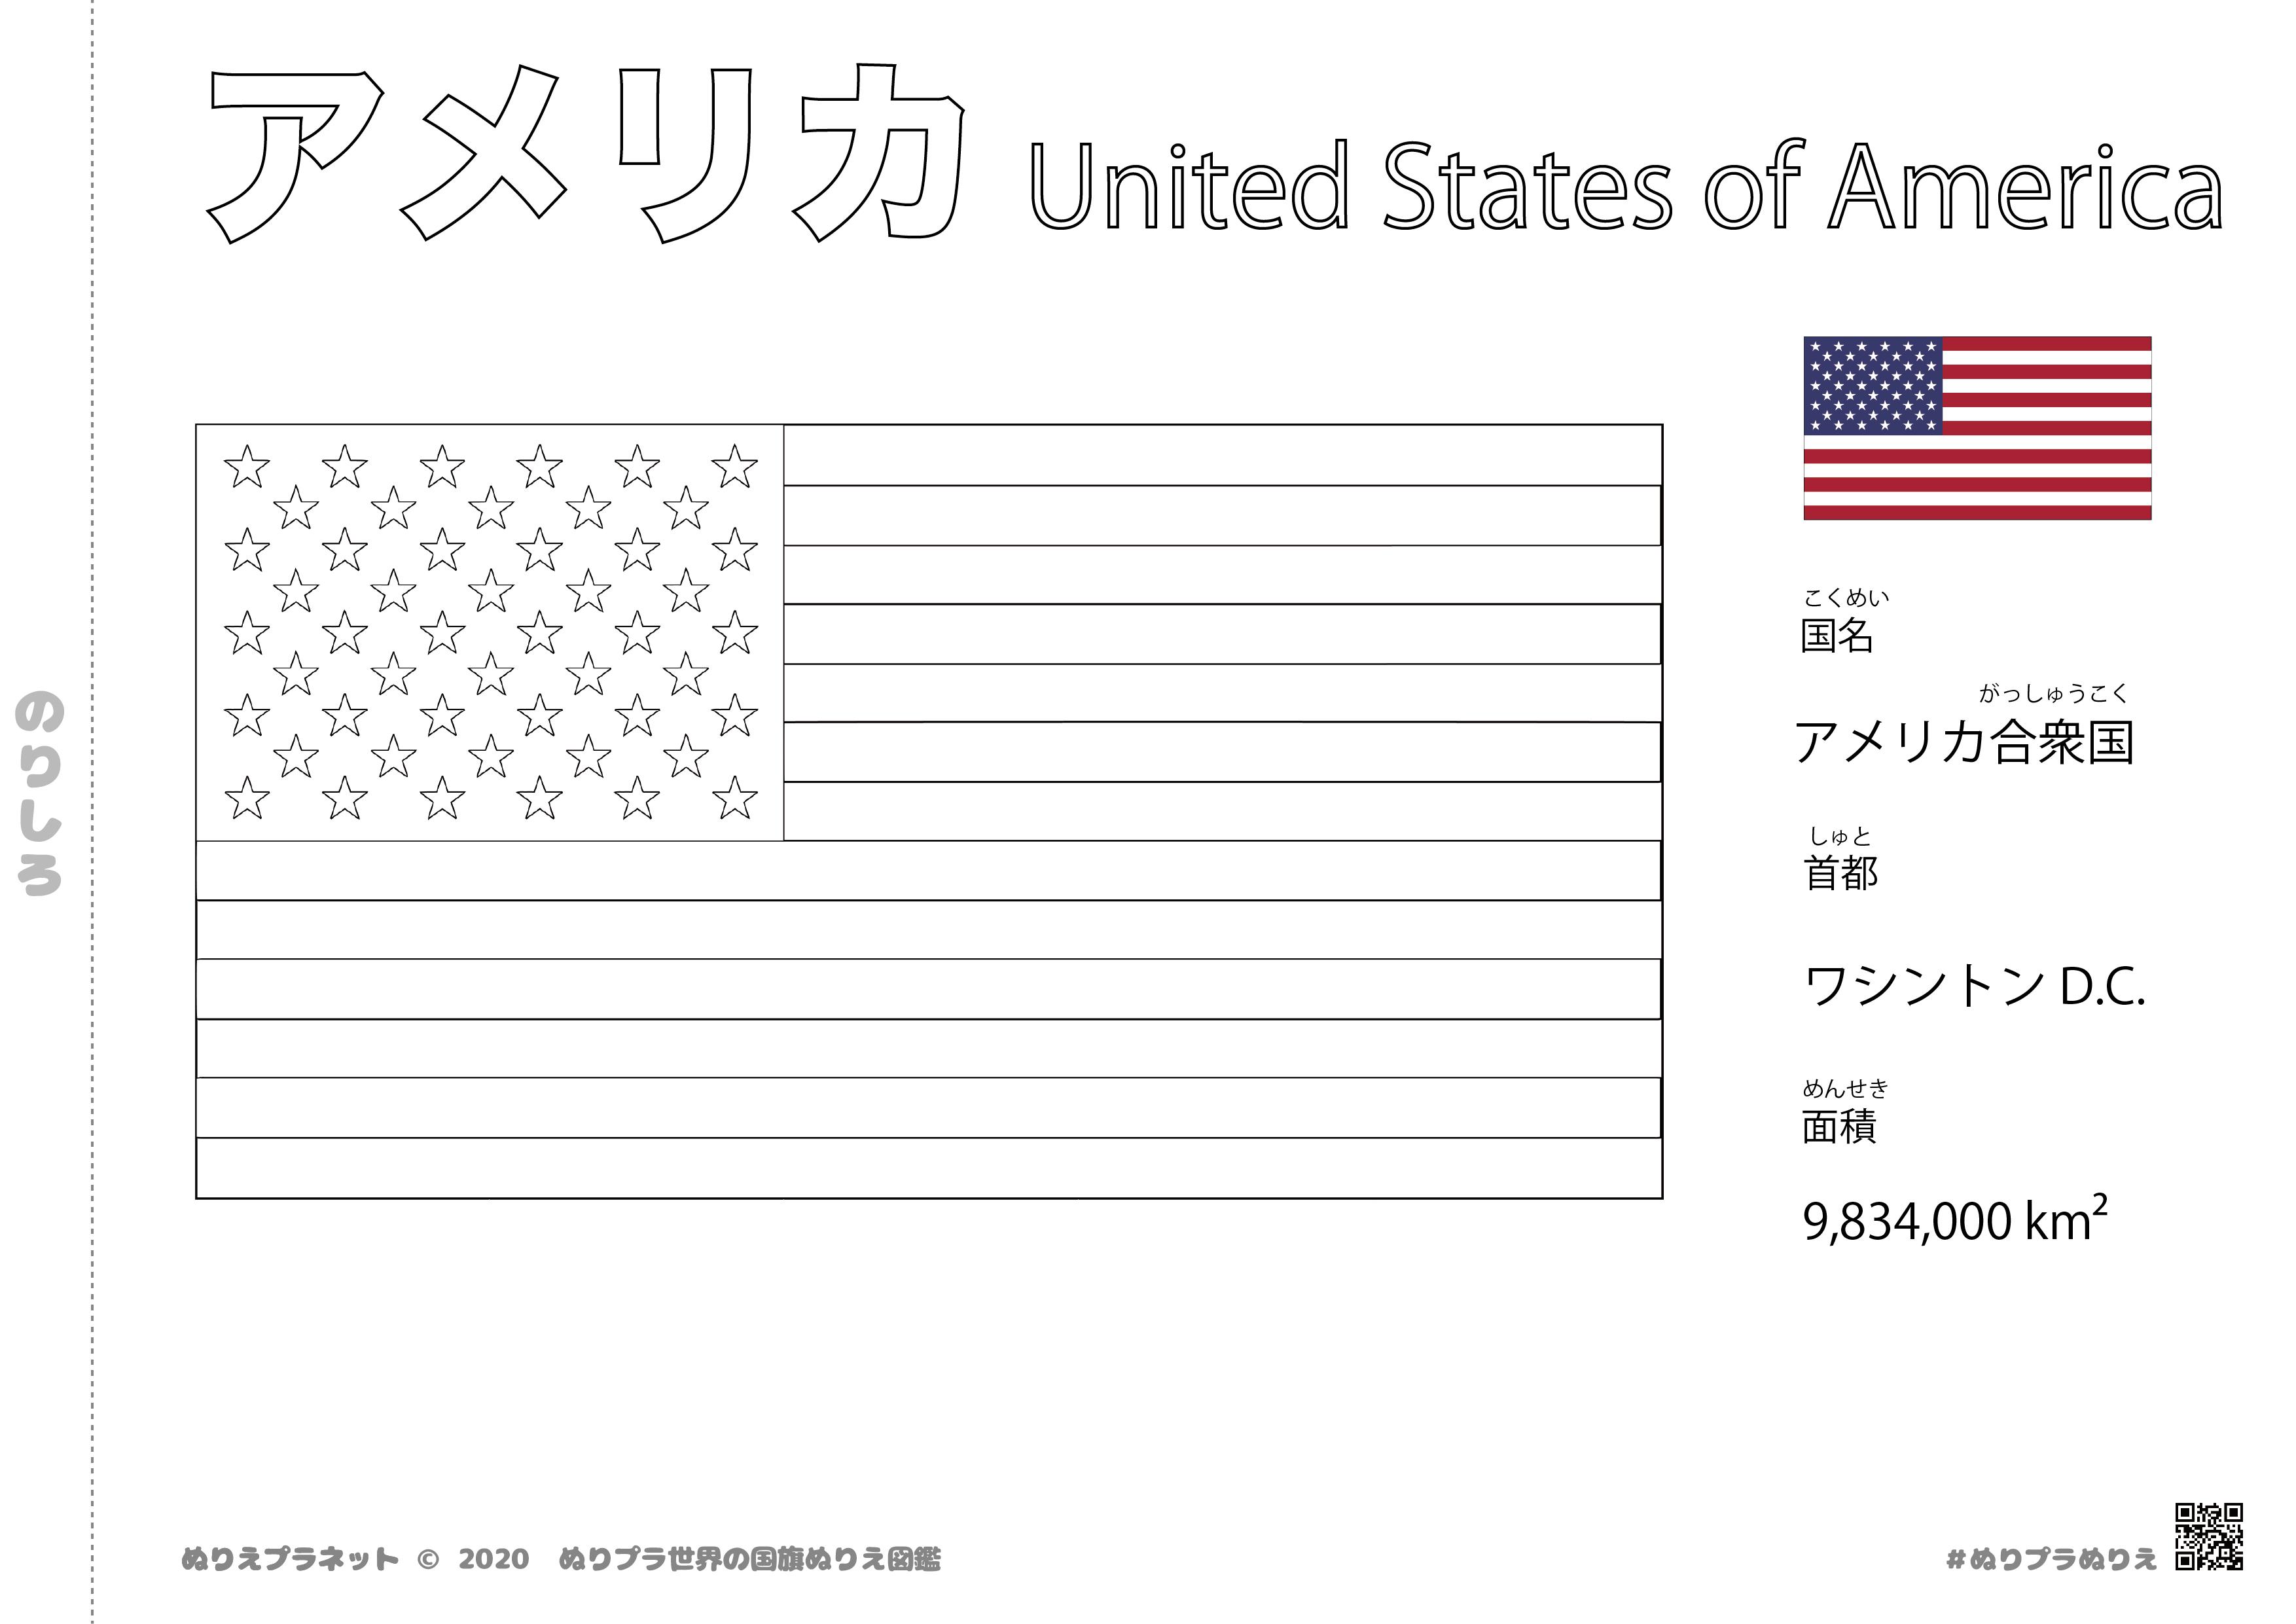 世界の国旗シリーズぬりえのアメリカの国旗の塗り絵です。